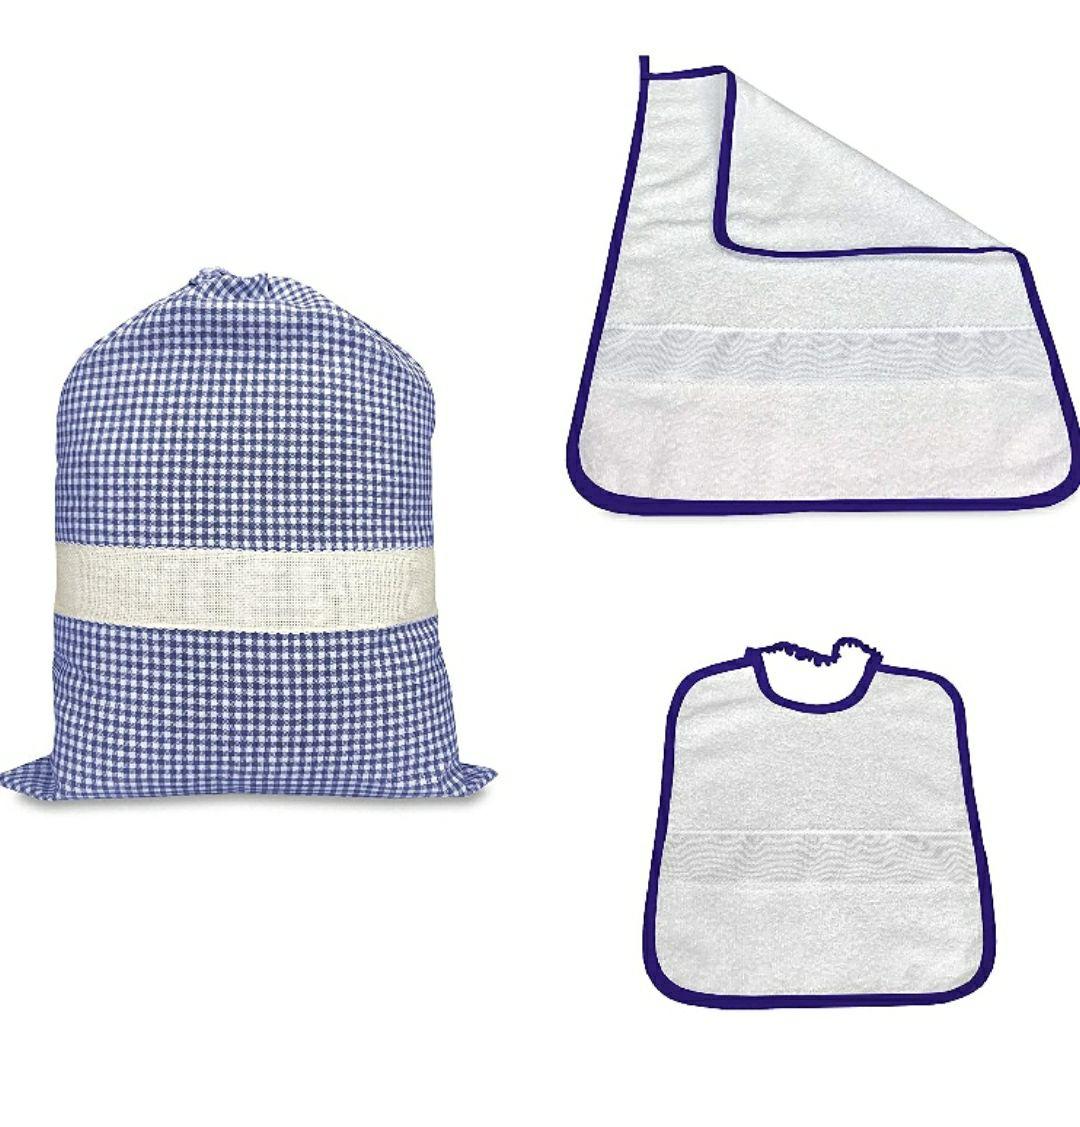 Juego de guardería Tris saco y toalla y babero a cuadros teñidos de hilo con tela Aida para bordar el nombre - Azul